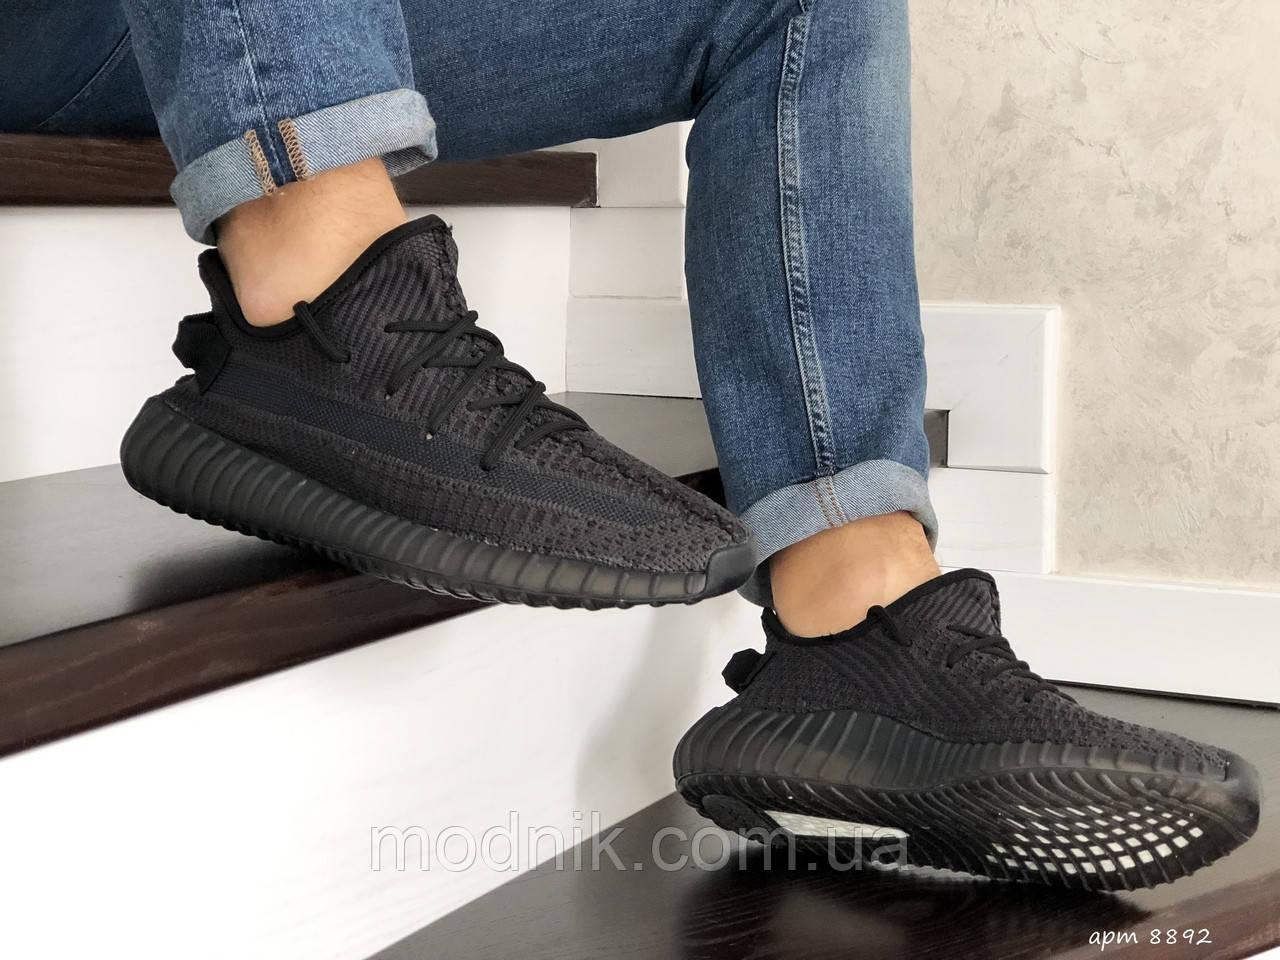 Мужские кроссовки Adidas x Yeezy Boost (темно-серые)